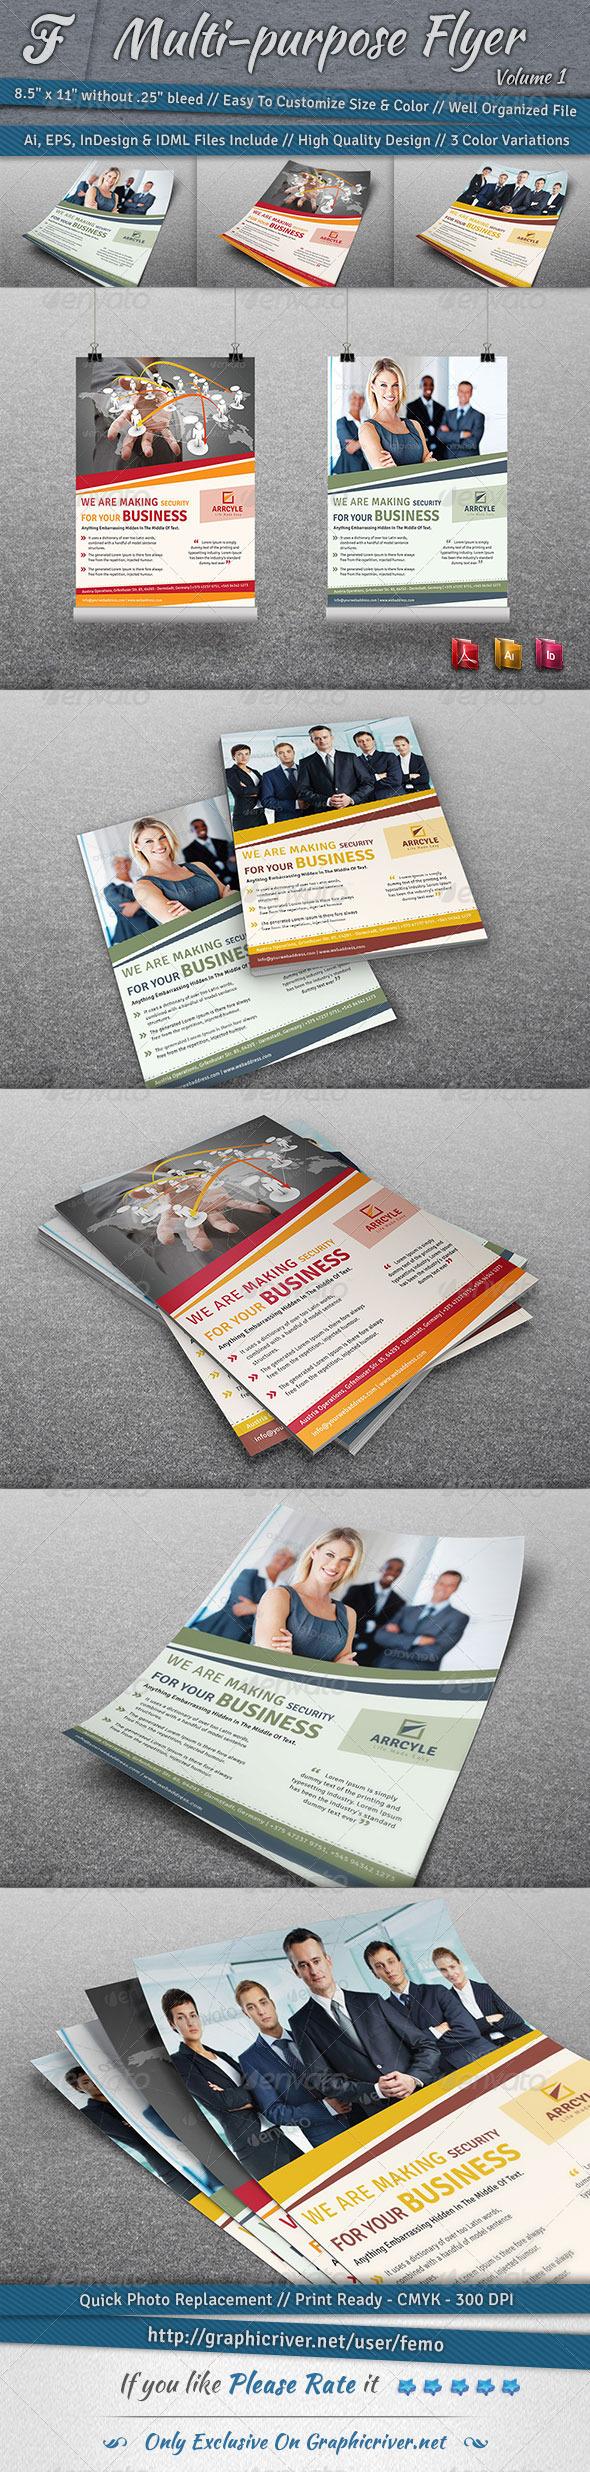 GraphicRiver Multi-purpose Flyer Volume 1 6887715